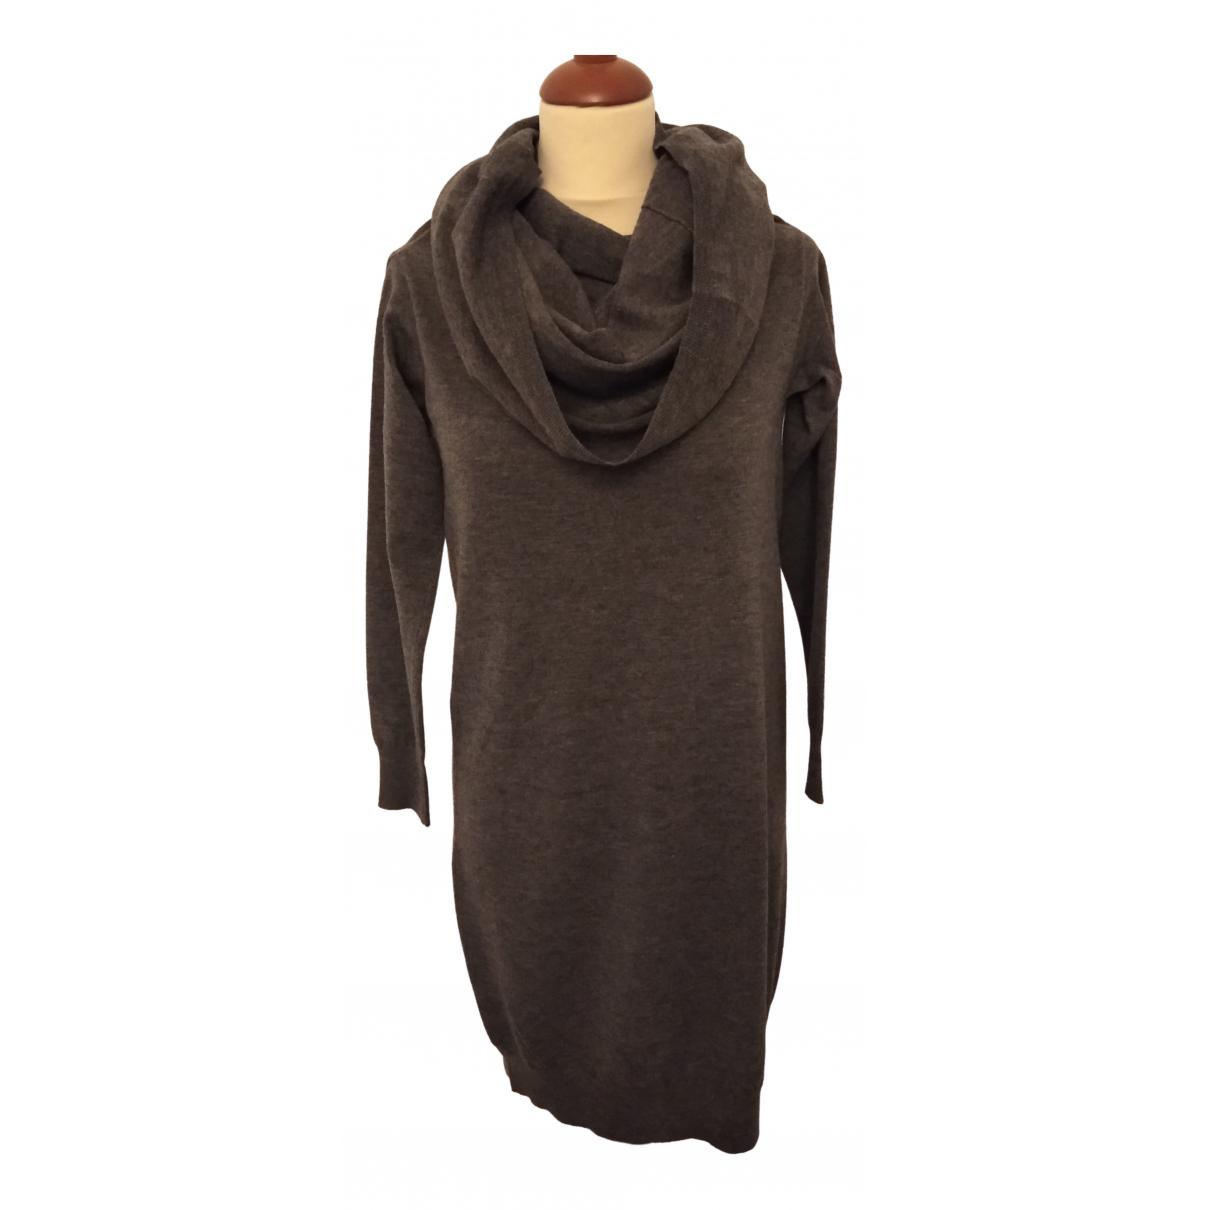 Altea \N Grey Wool dress for Women L International